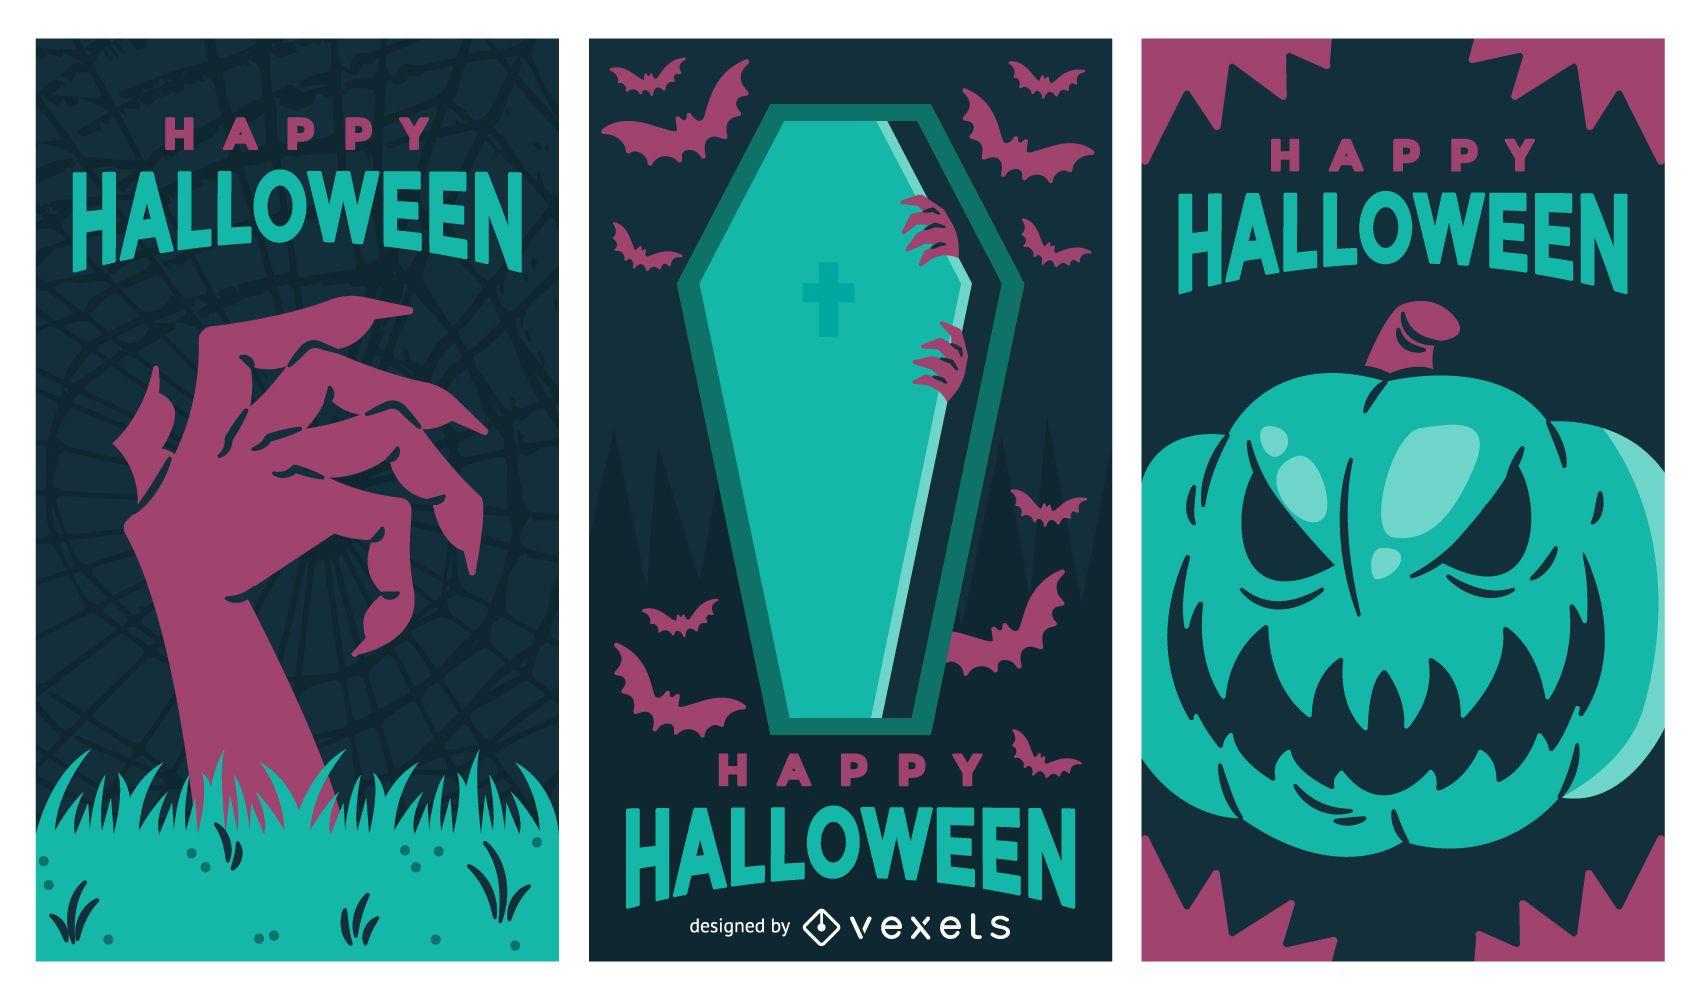 Spooky Halloween banner set - Vector download